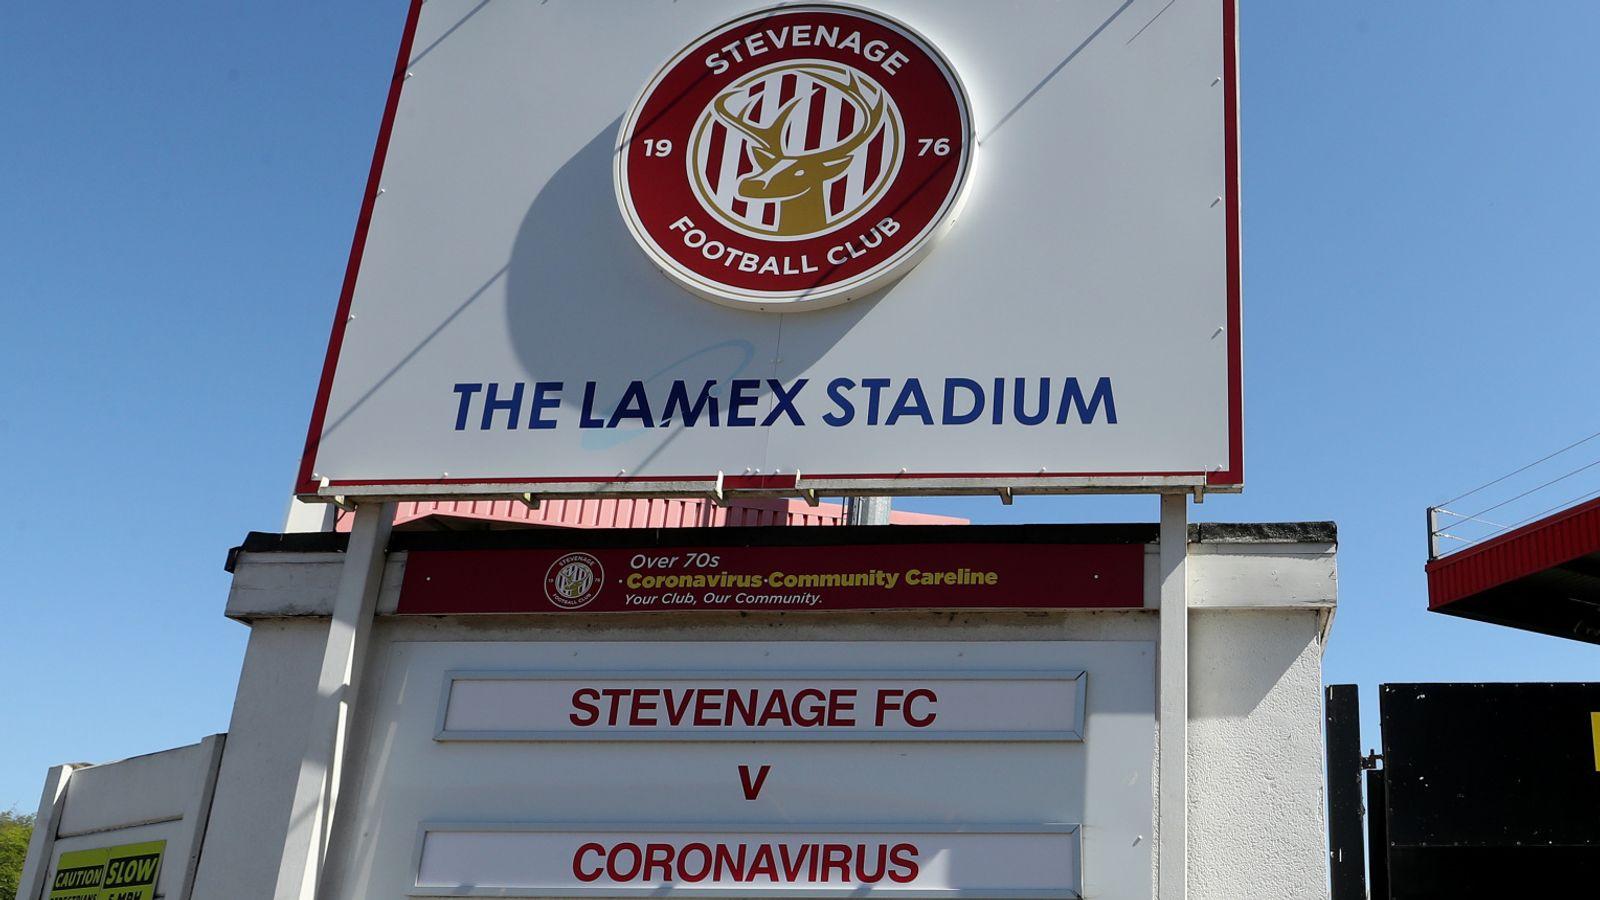 El presidente de Stevenage, Phil Wallace, dice que el descenso de la Liga Dos sería injustificado | Noticias de futbol 5